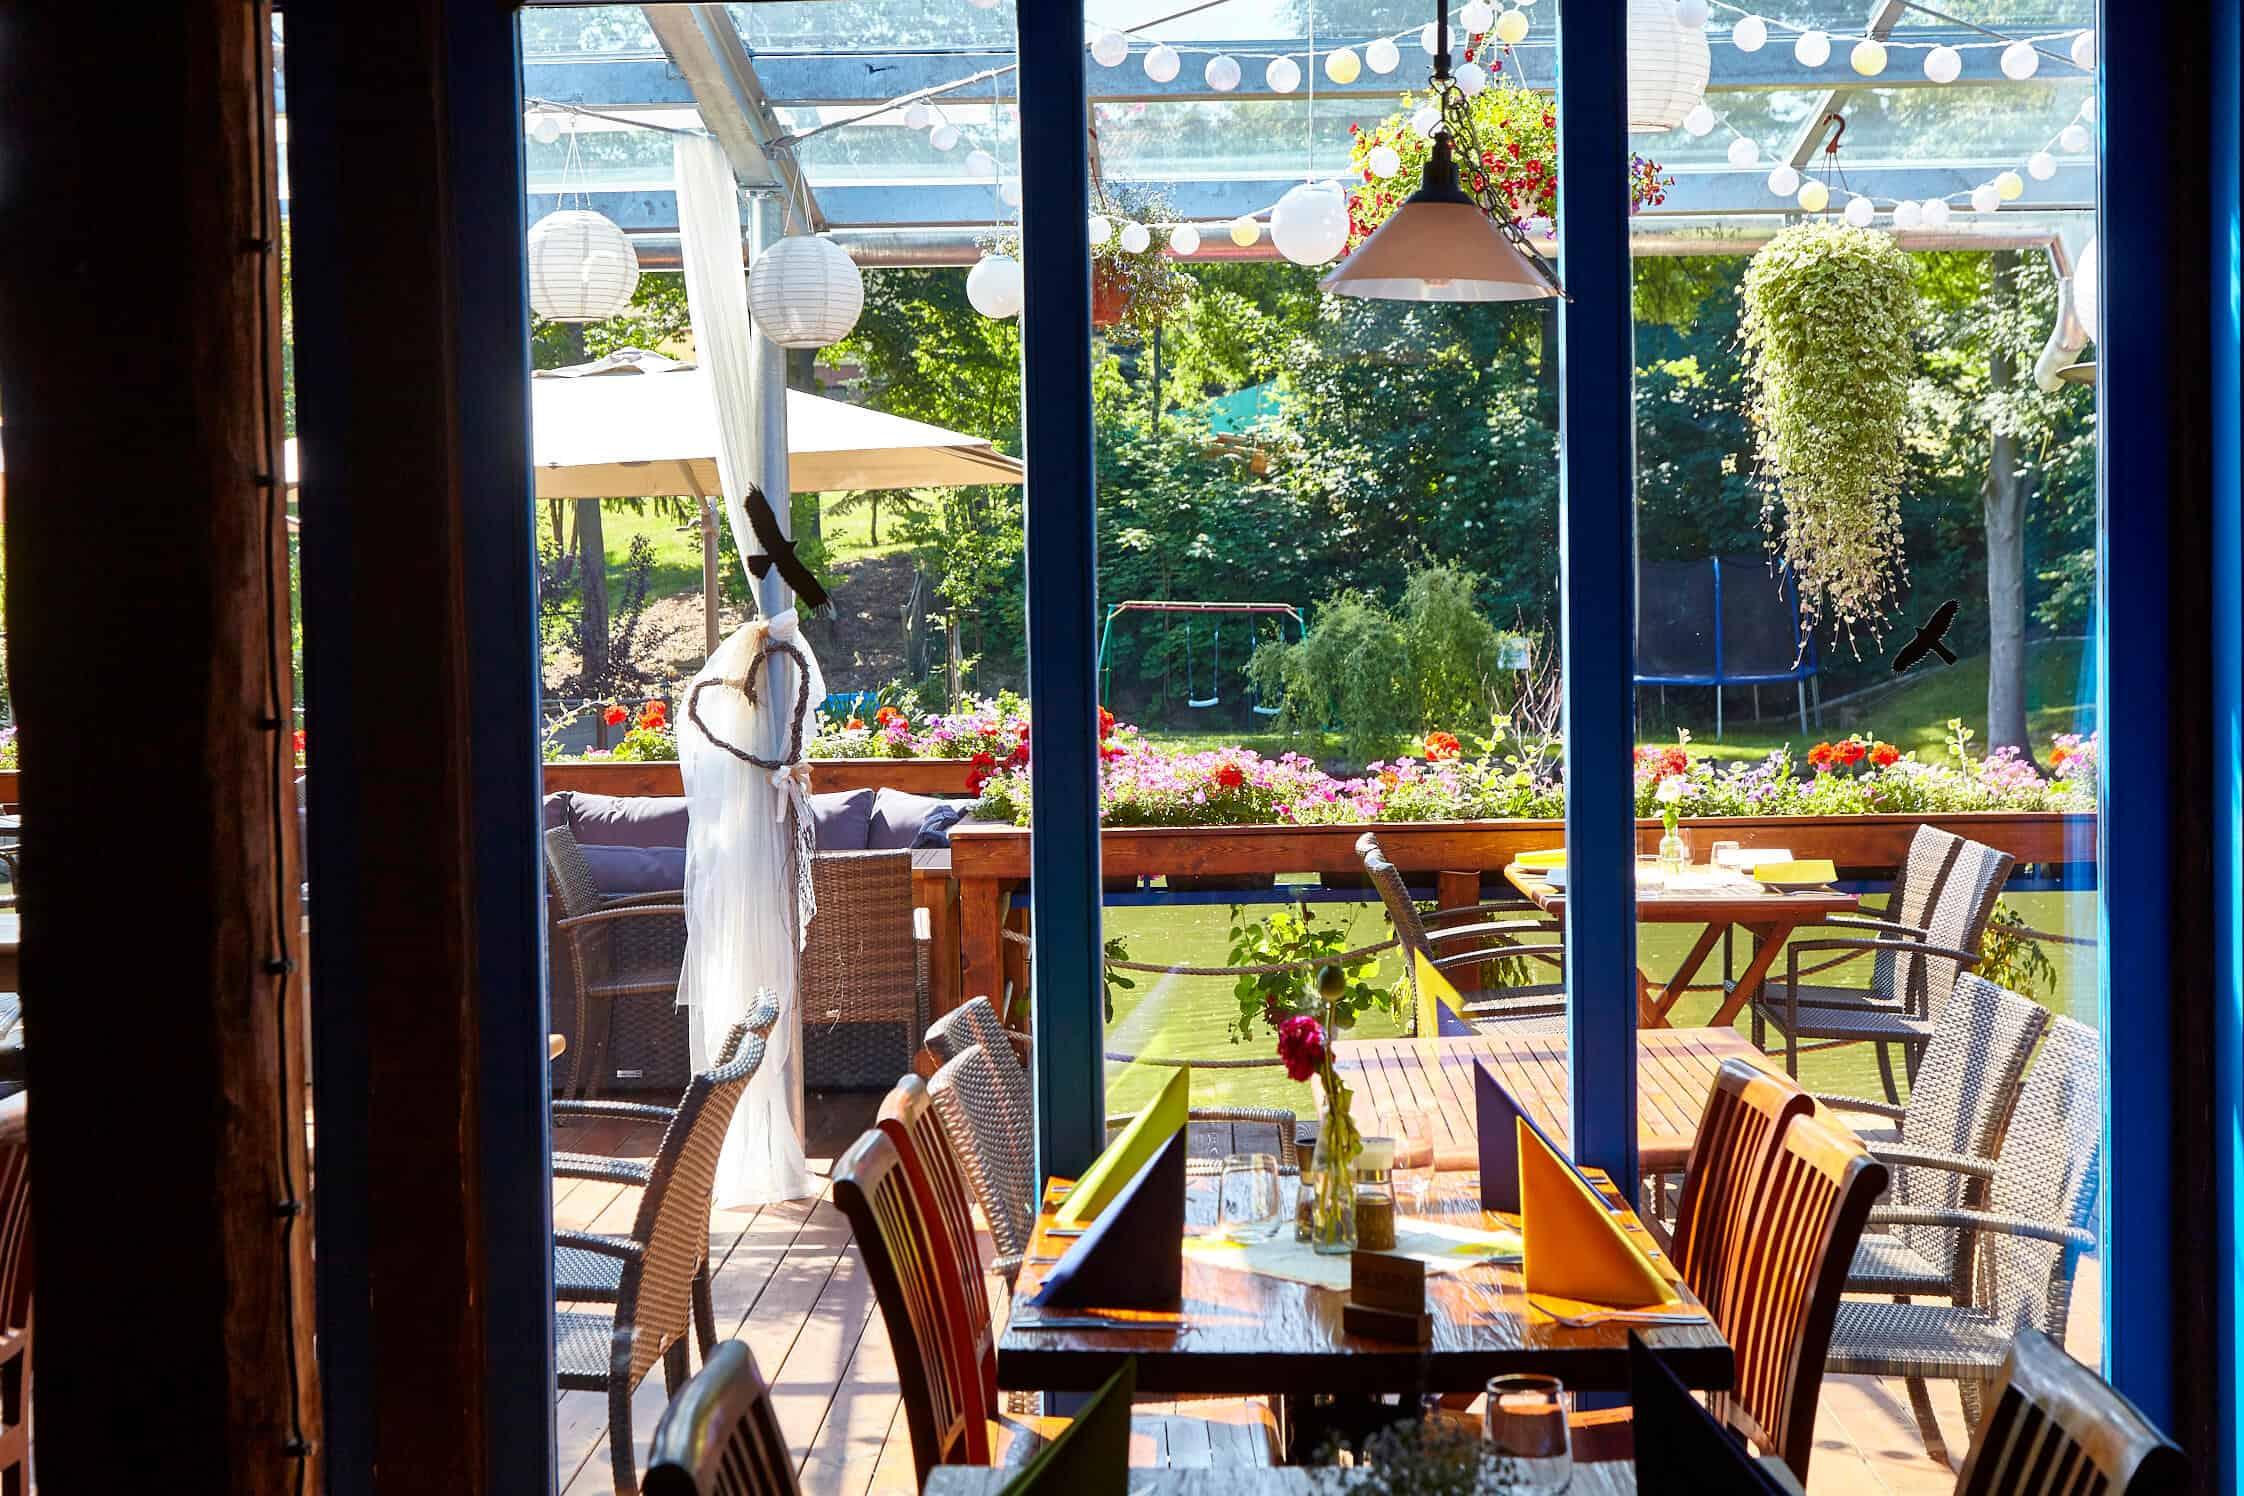 Hliněná bašta pohled z restaurace na rybníček